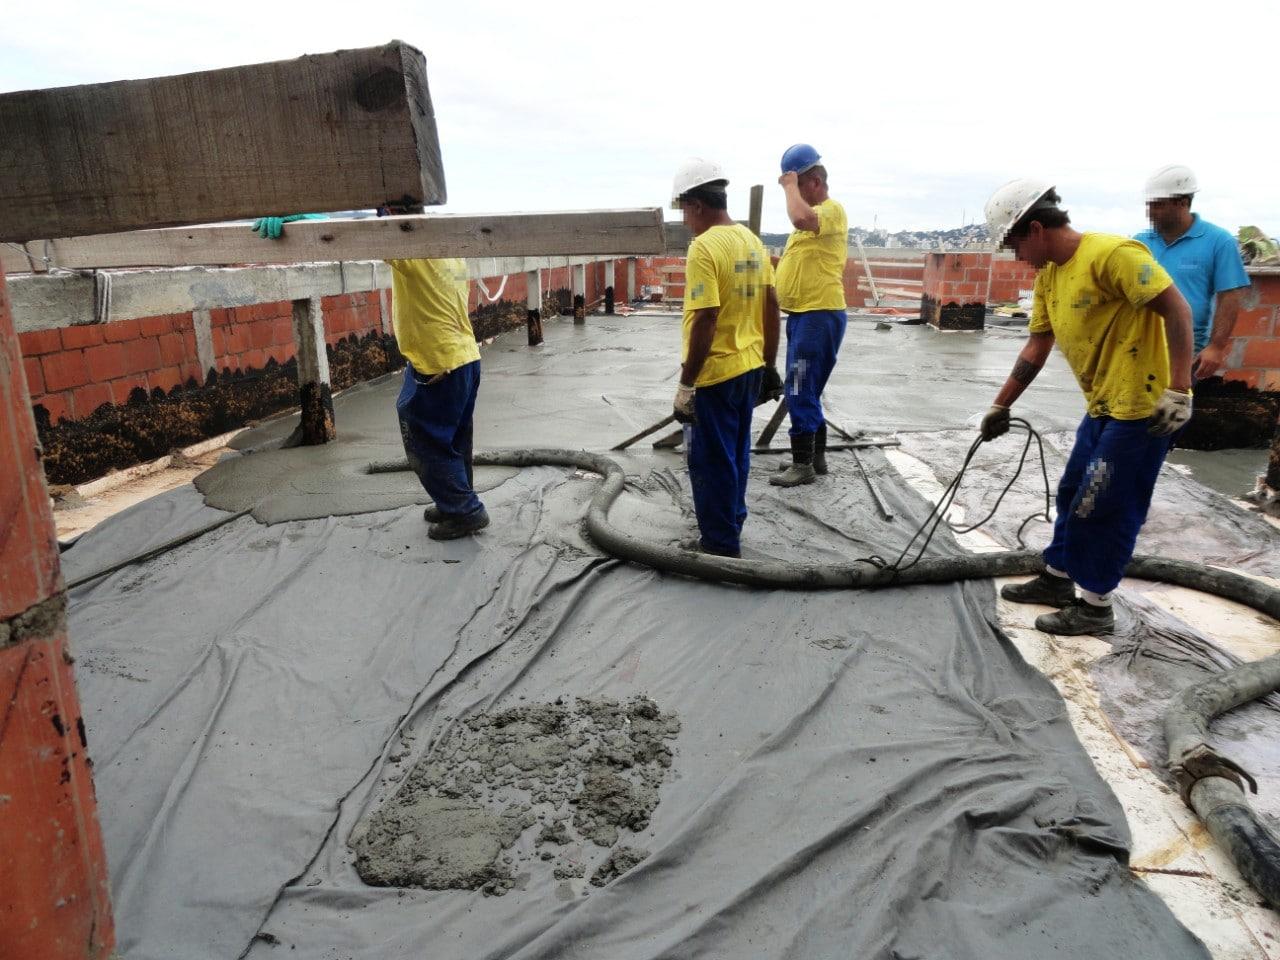 Uso de manta de impermeabilização recoberta por argamassa cimentícia é uma das soluções usadas para melhorar a estanqueidade de lajes. Crédito: UFRGS